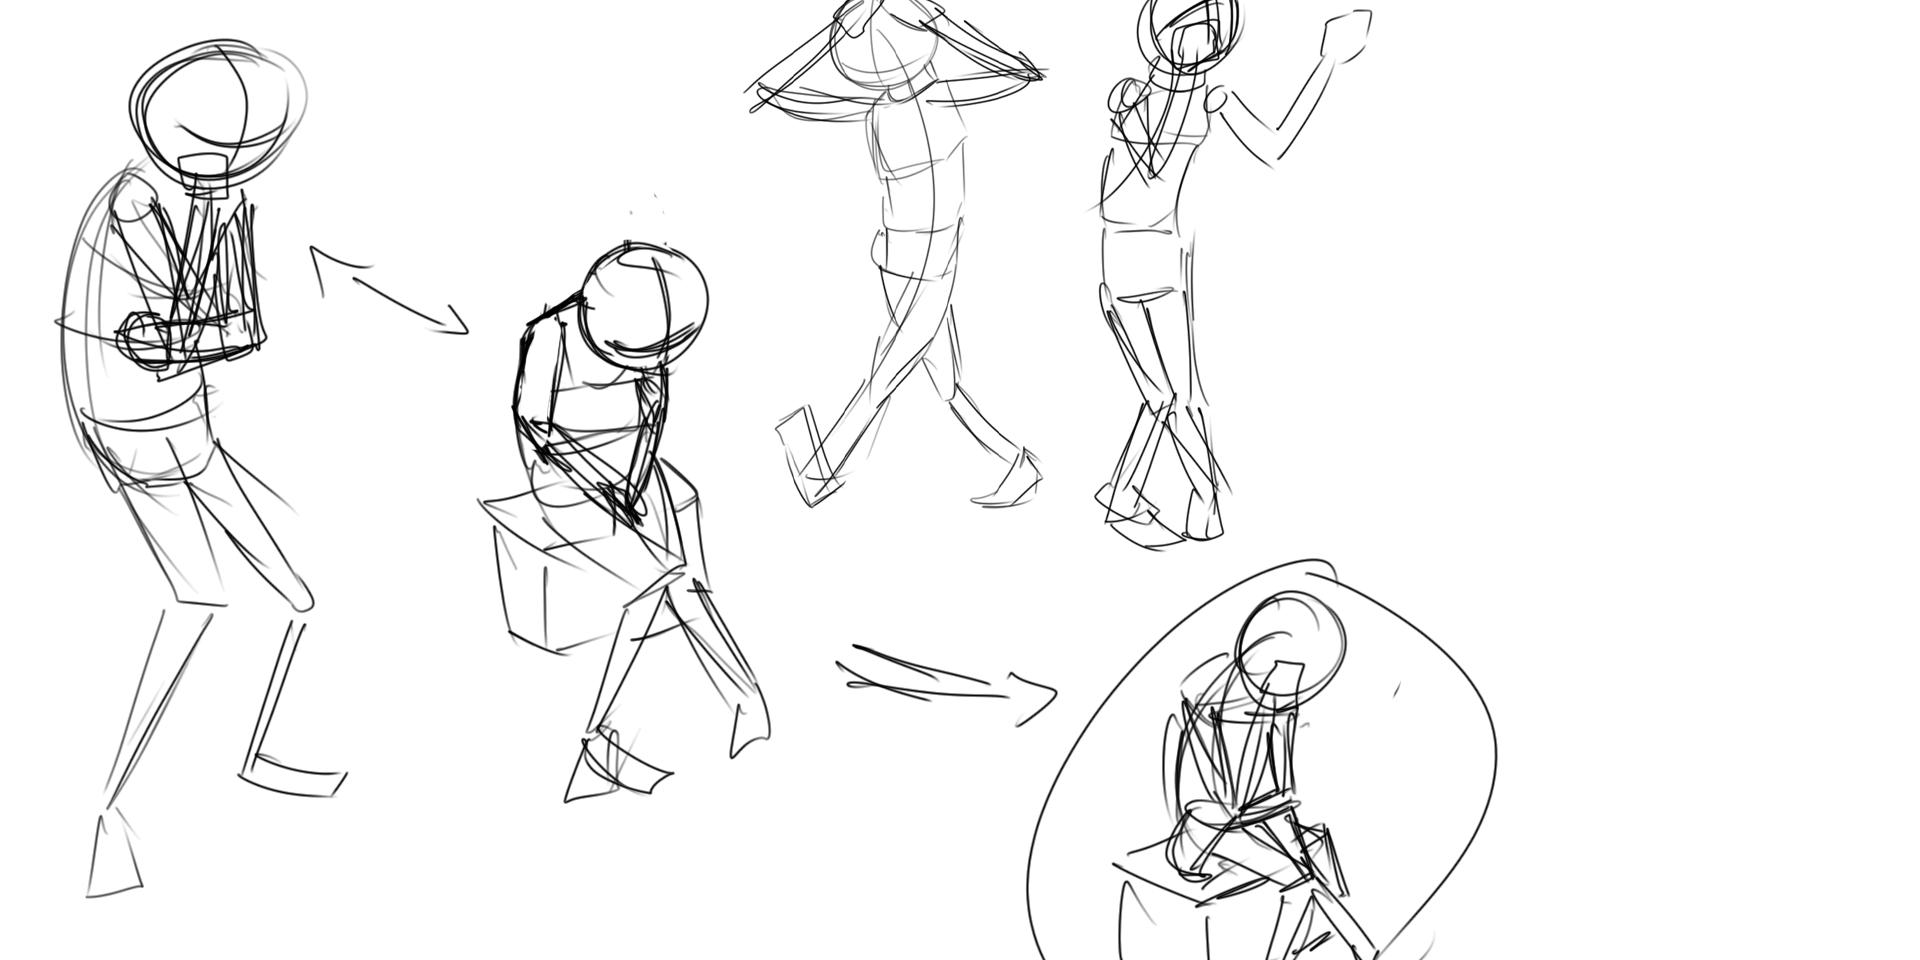 Concern Sketches